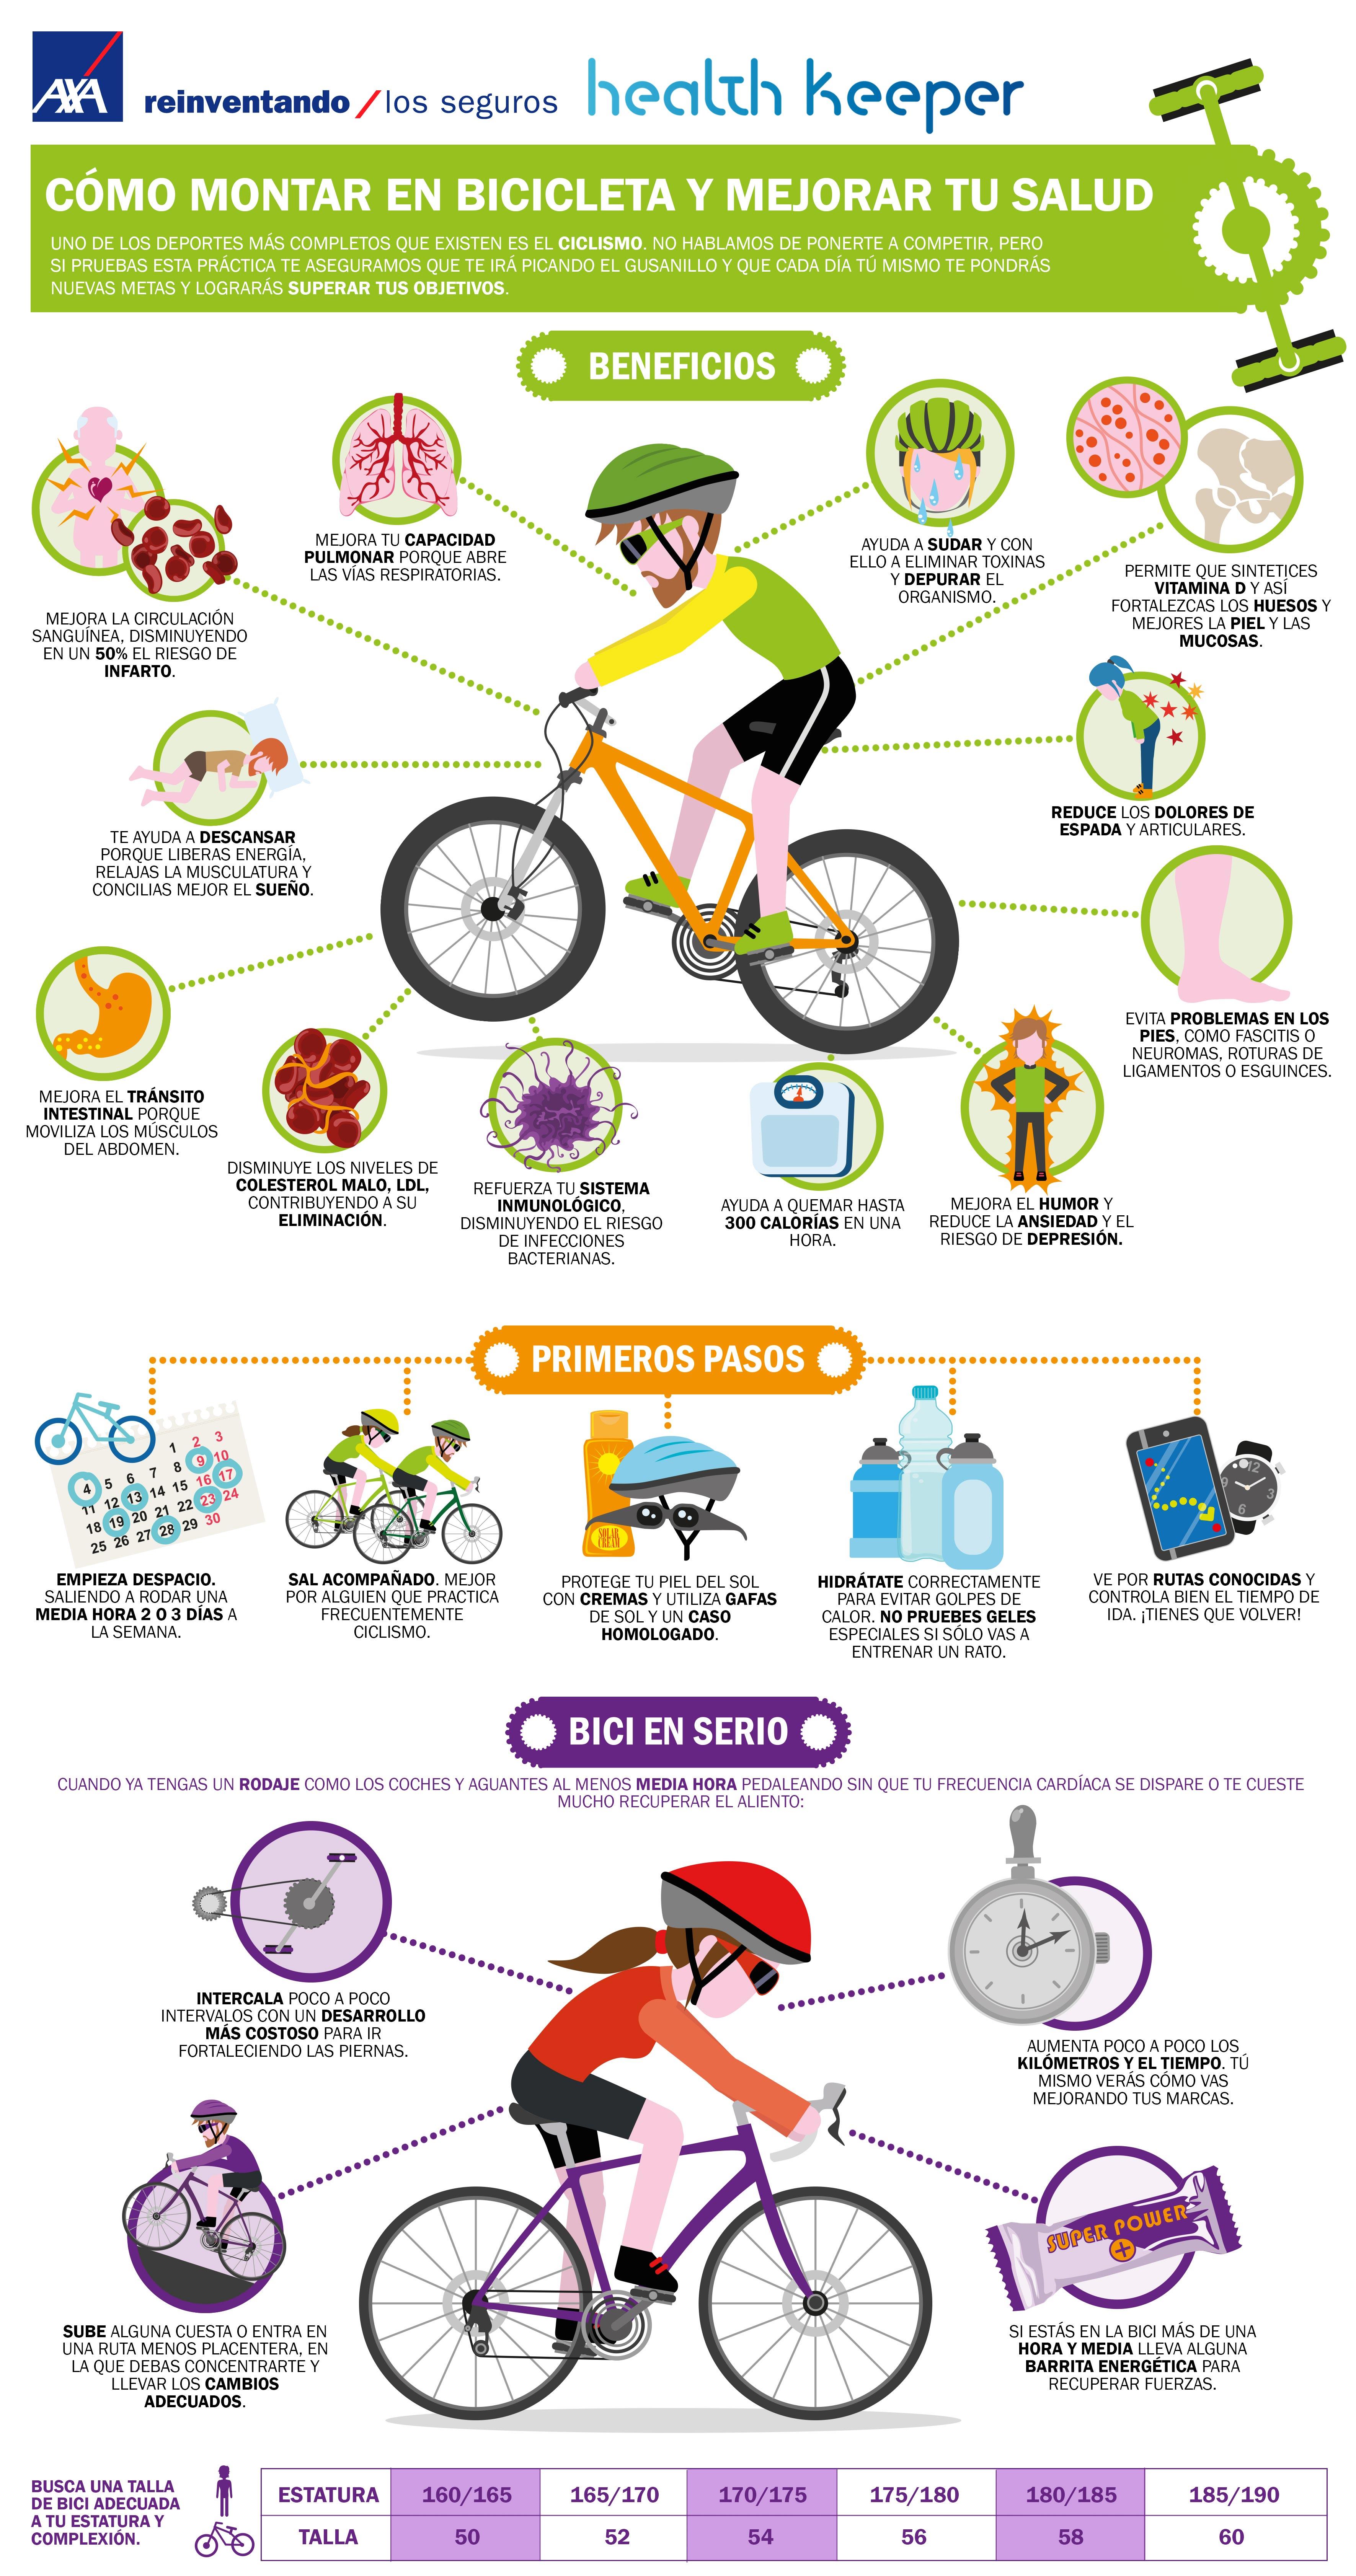 Infografía Ciclismo: beneficios para la salud y cómo iniciarse